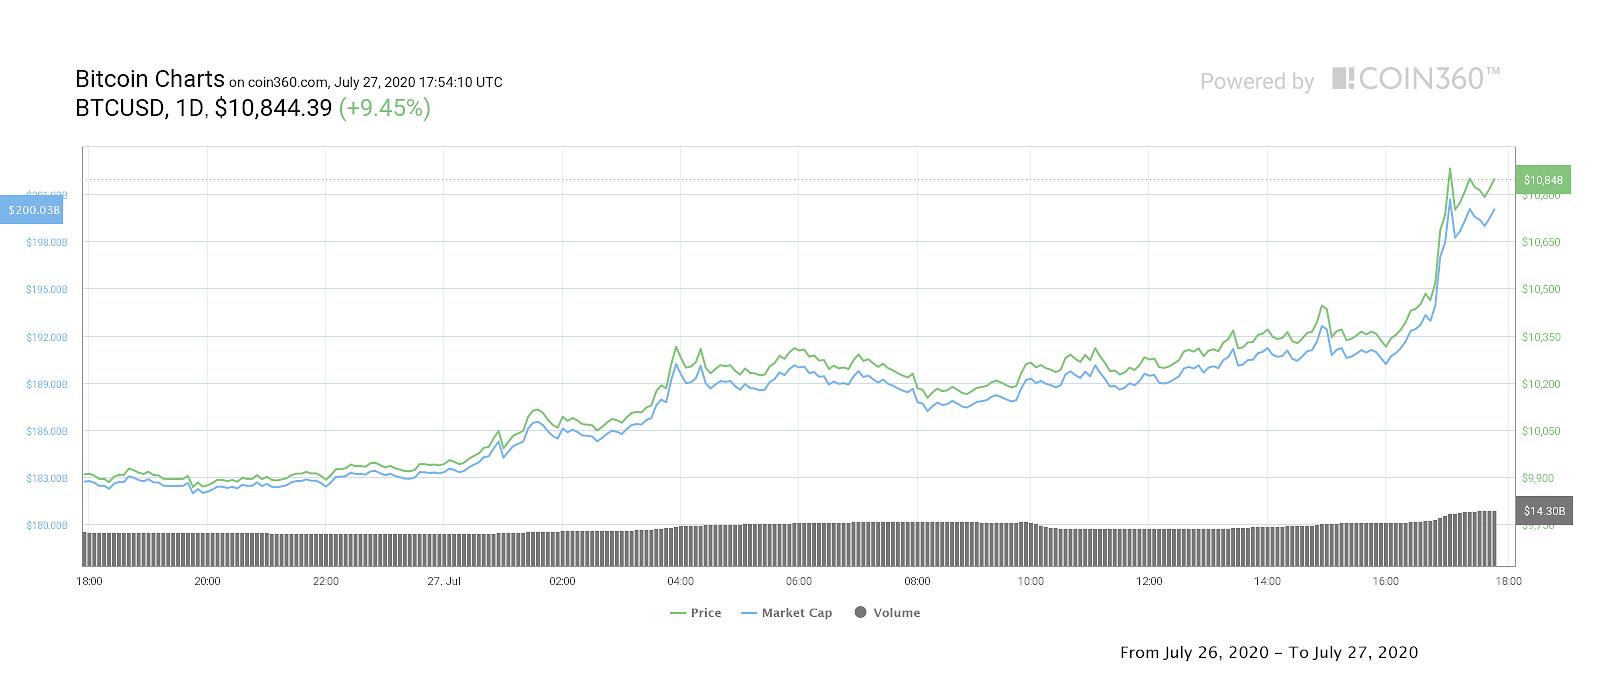 Gráfico de precio diario de Bitcoin